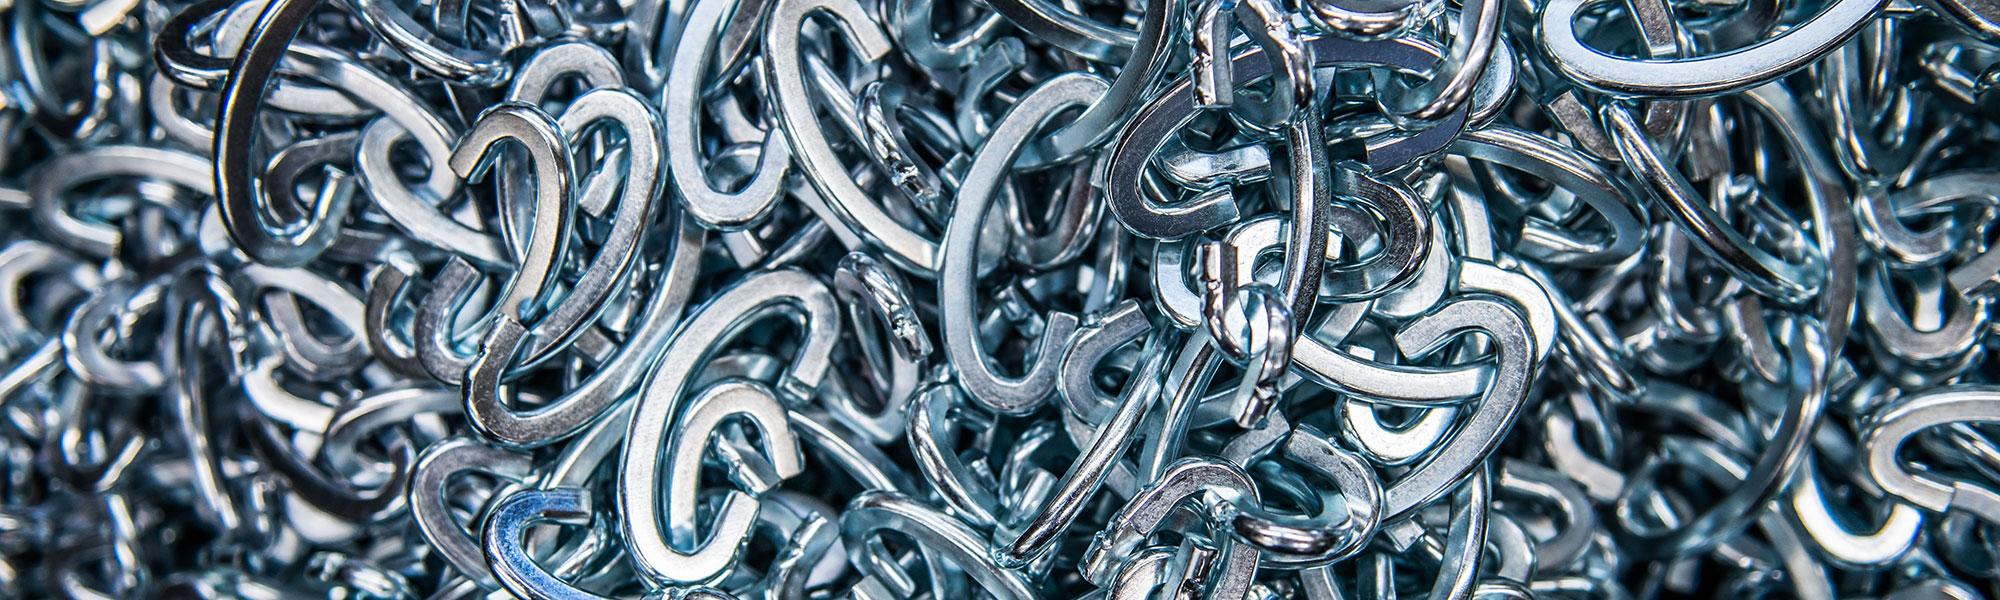 produzione accessori metallici per forme di calzature